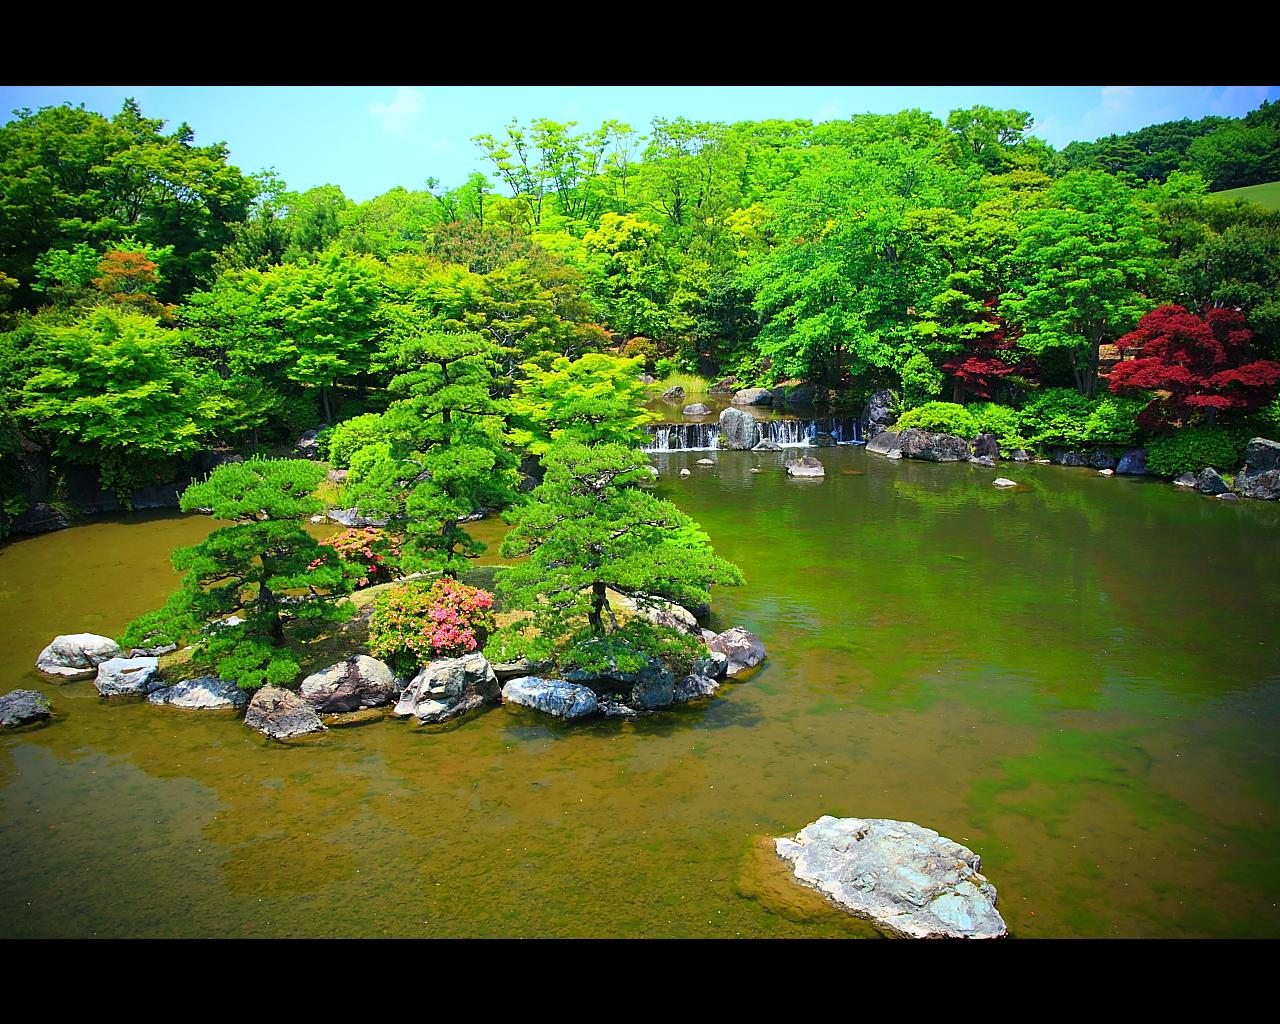 万博公園日本庭園1280x1024サイズ 万博公園日本庭園1280x1024サイズ Pictur